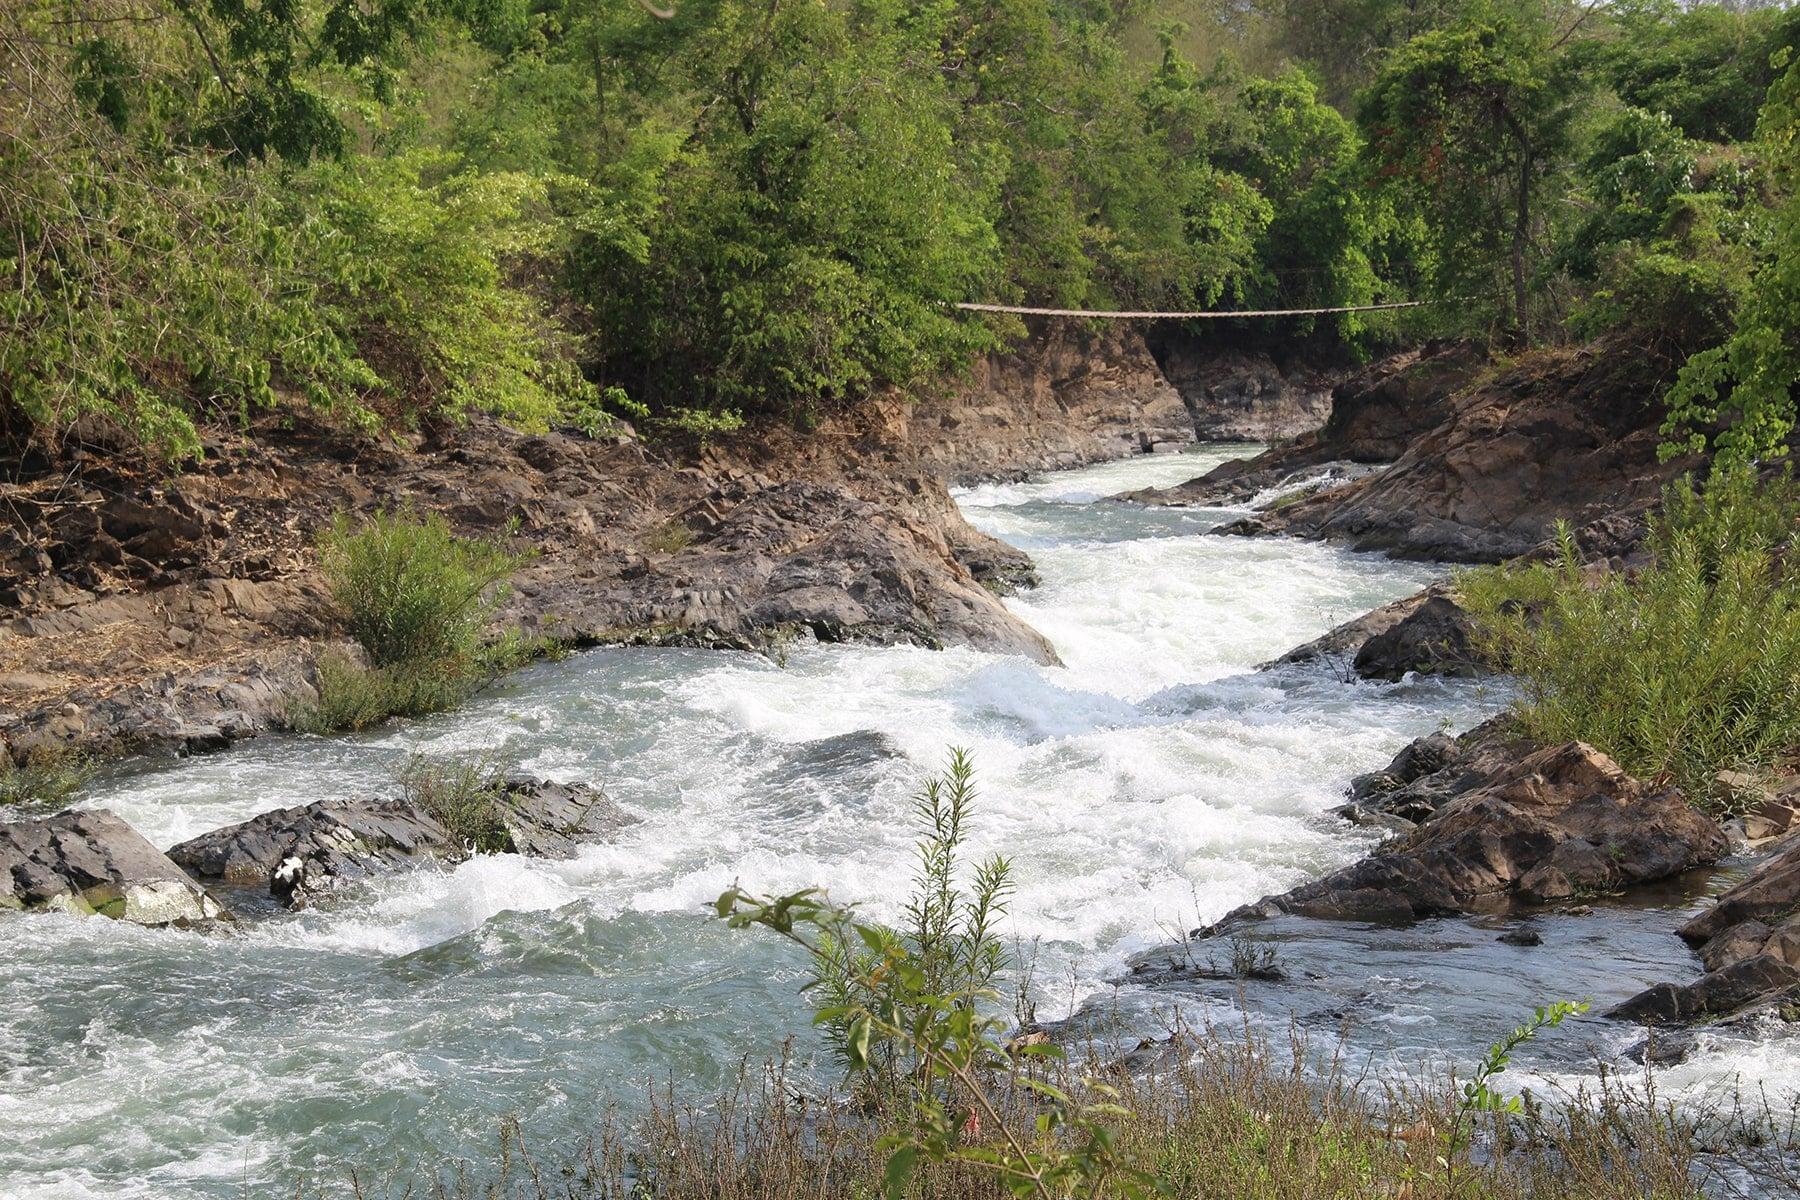 Khong Pa Soi rapids, Si Phan Don, Laos